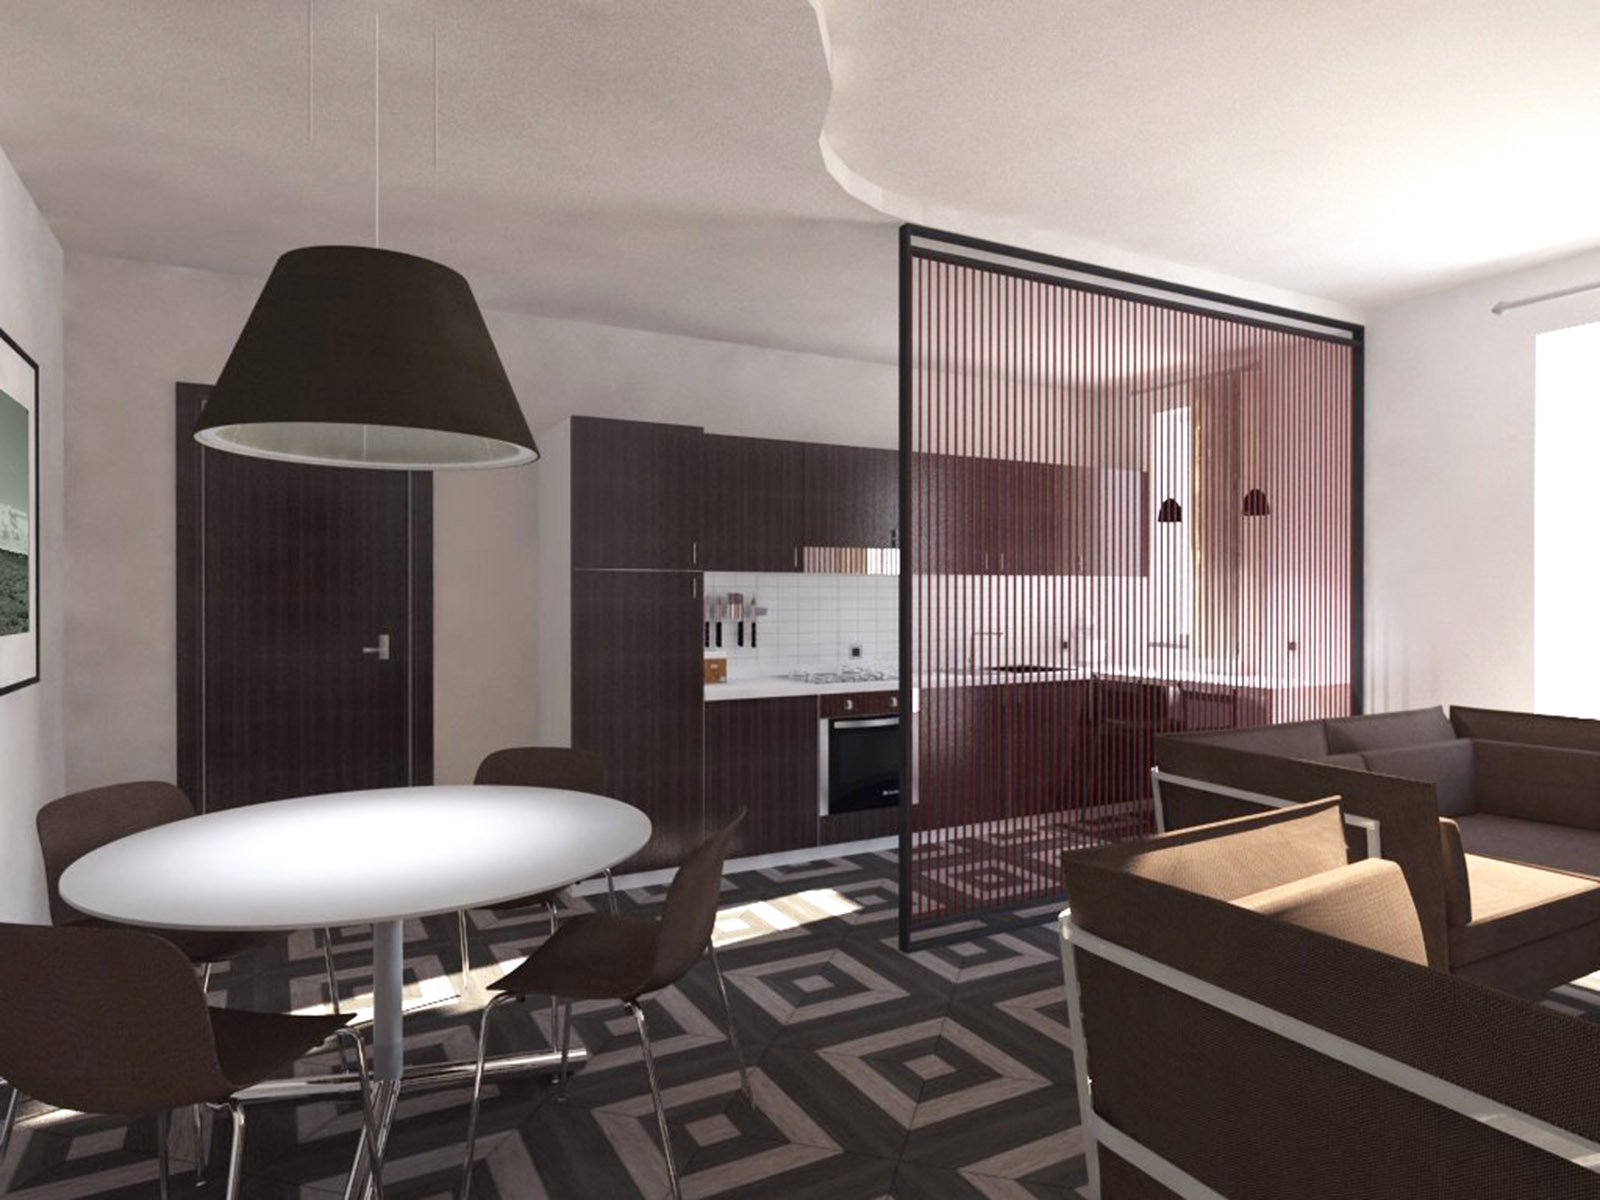 Soggiorno e cucina openspace progetto in pianta e in 3d for Soggiorno cucina open space